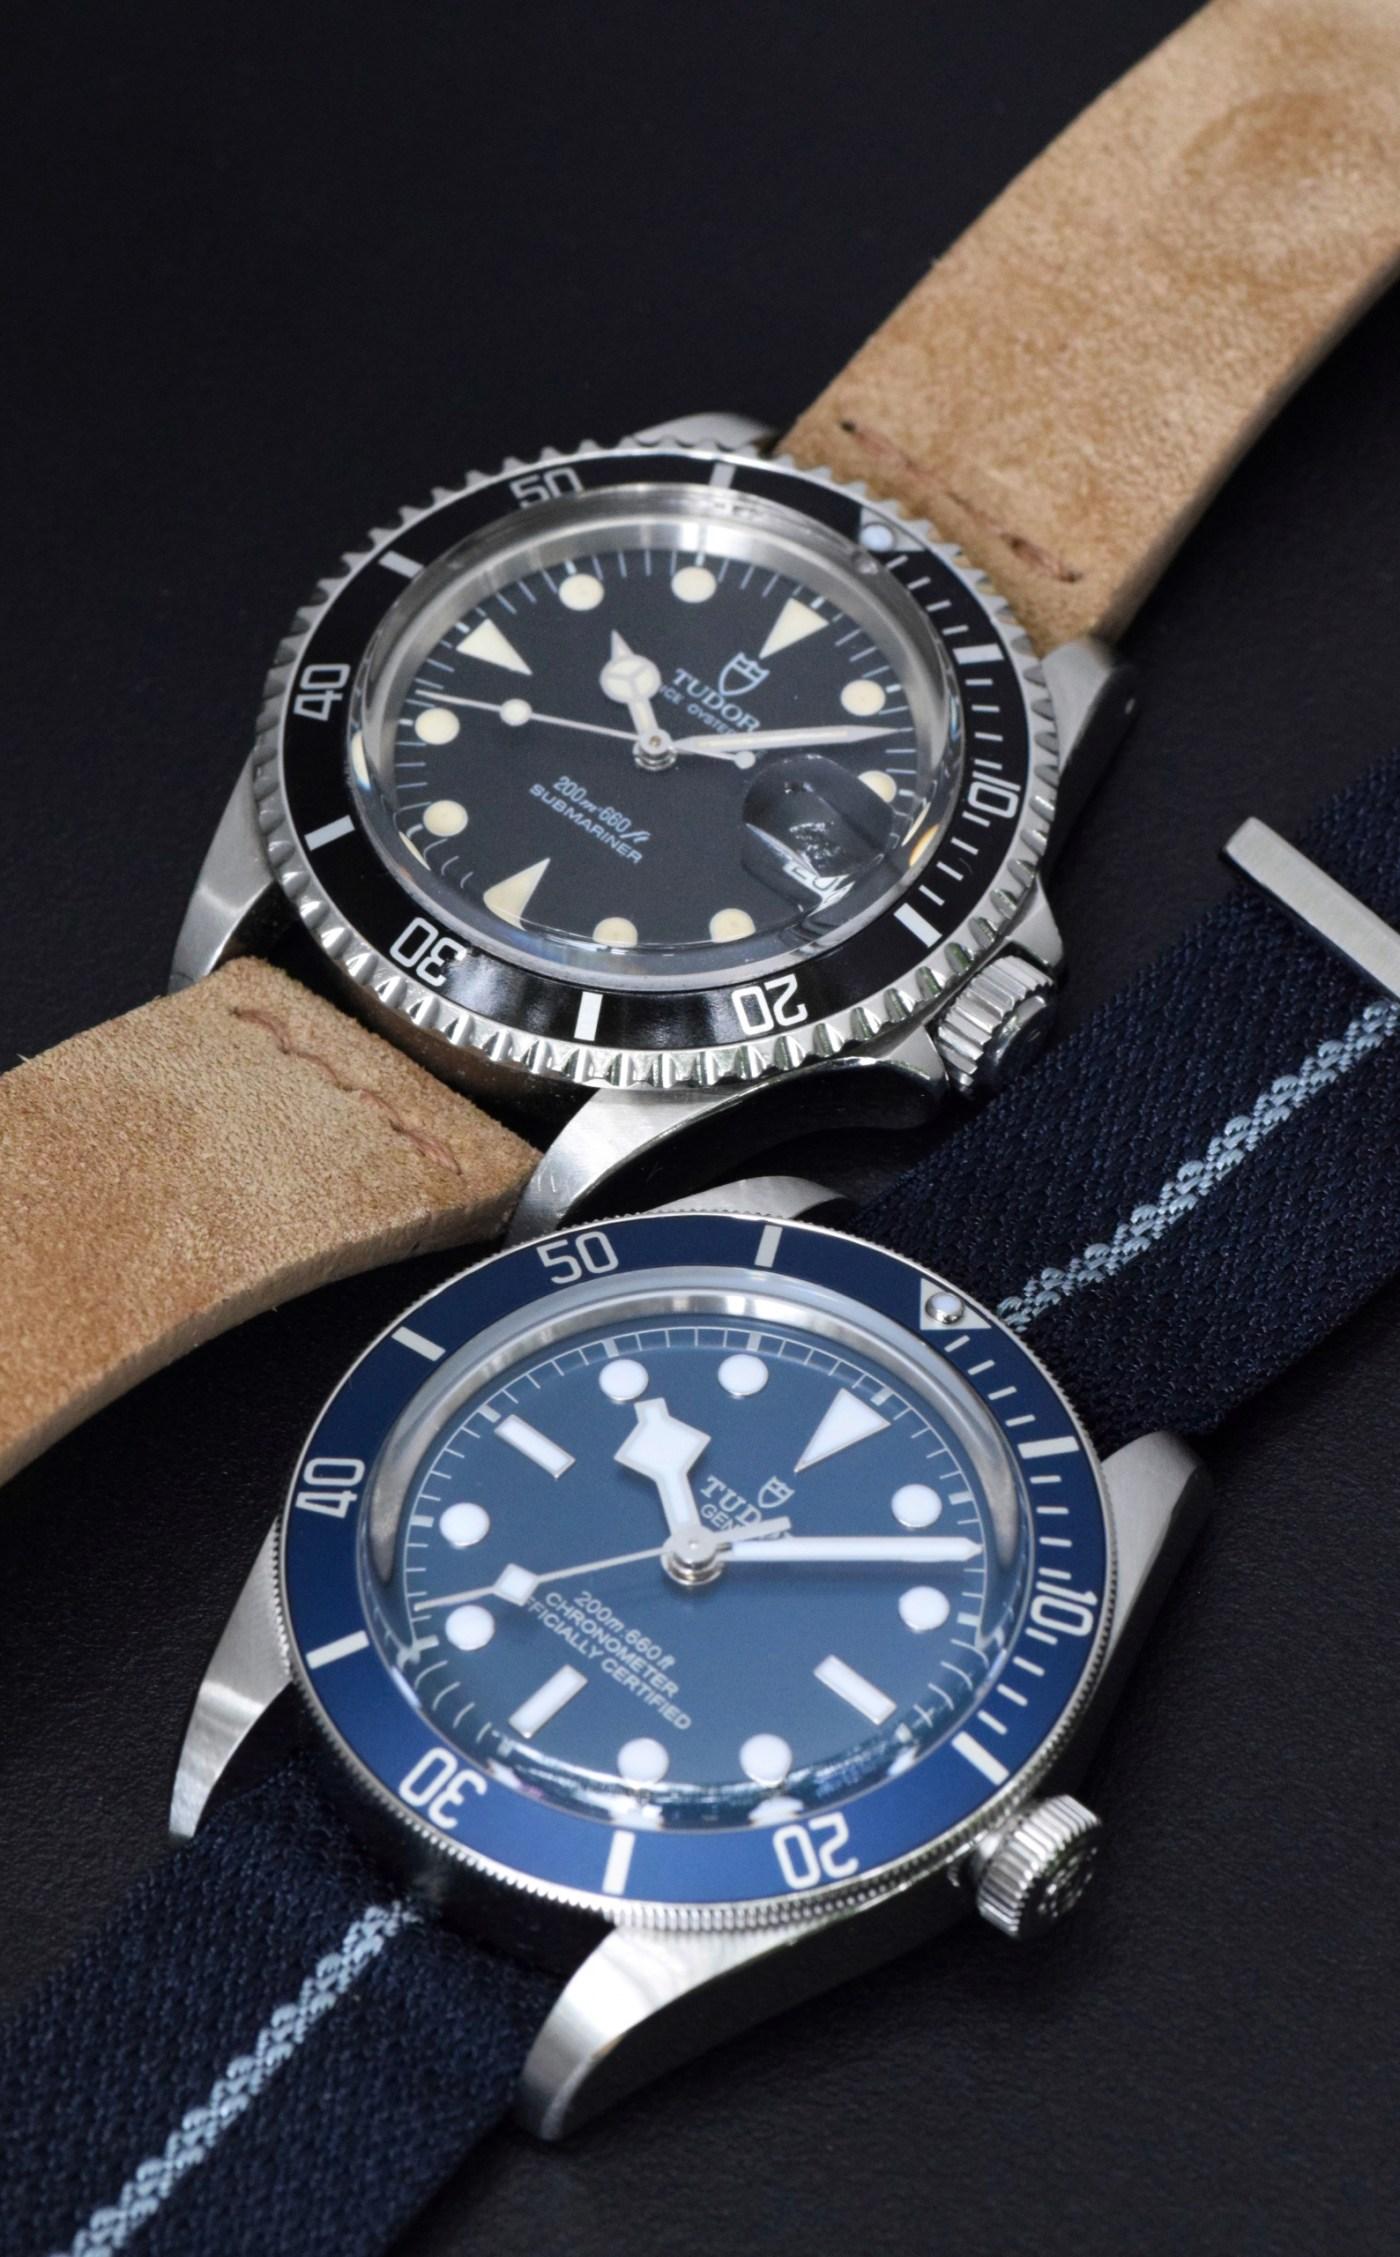 Tudor Black Bay Fifty-Eight Navy Blue Ref. 79030B vs. 1992 Tudor Submariner Ref. 79090